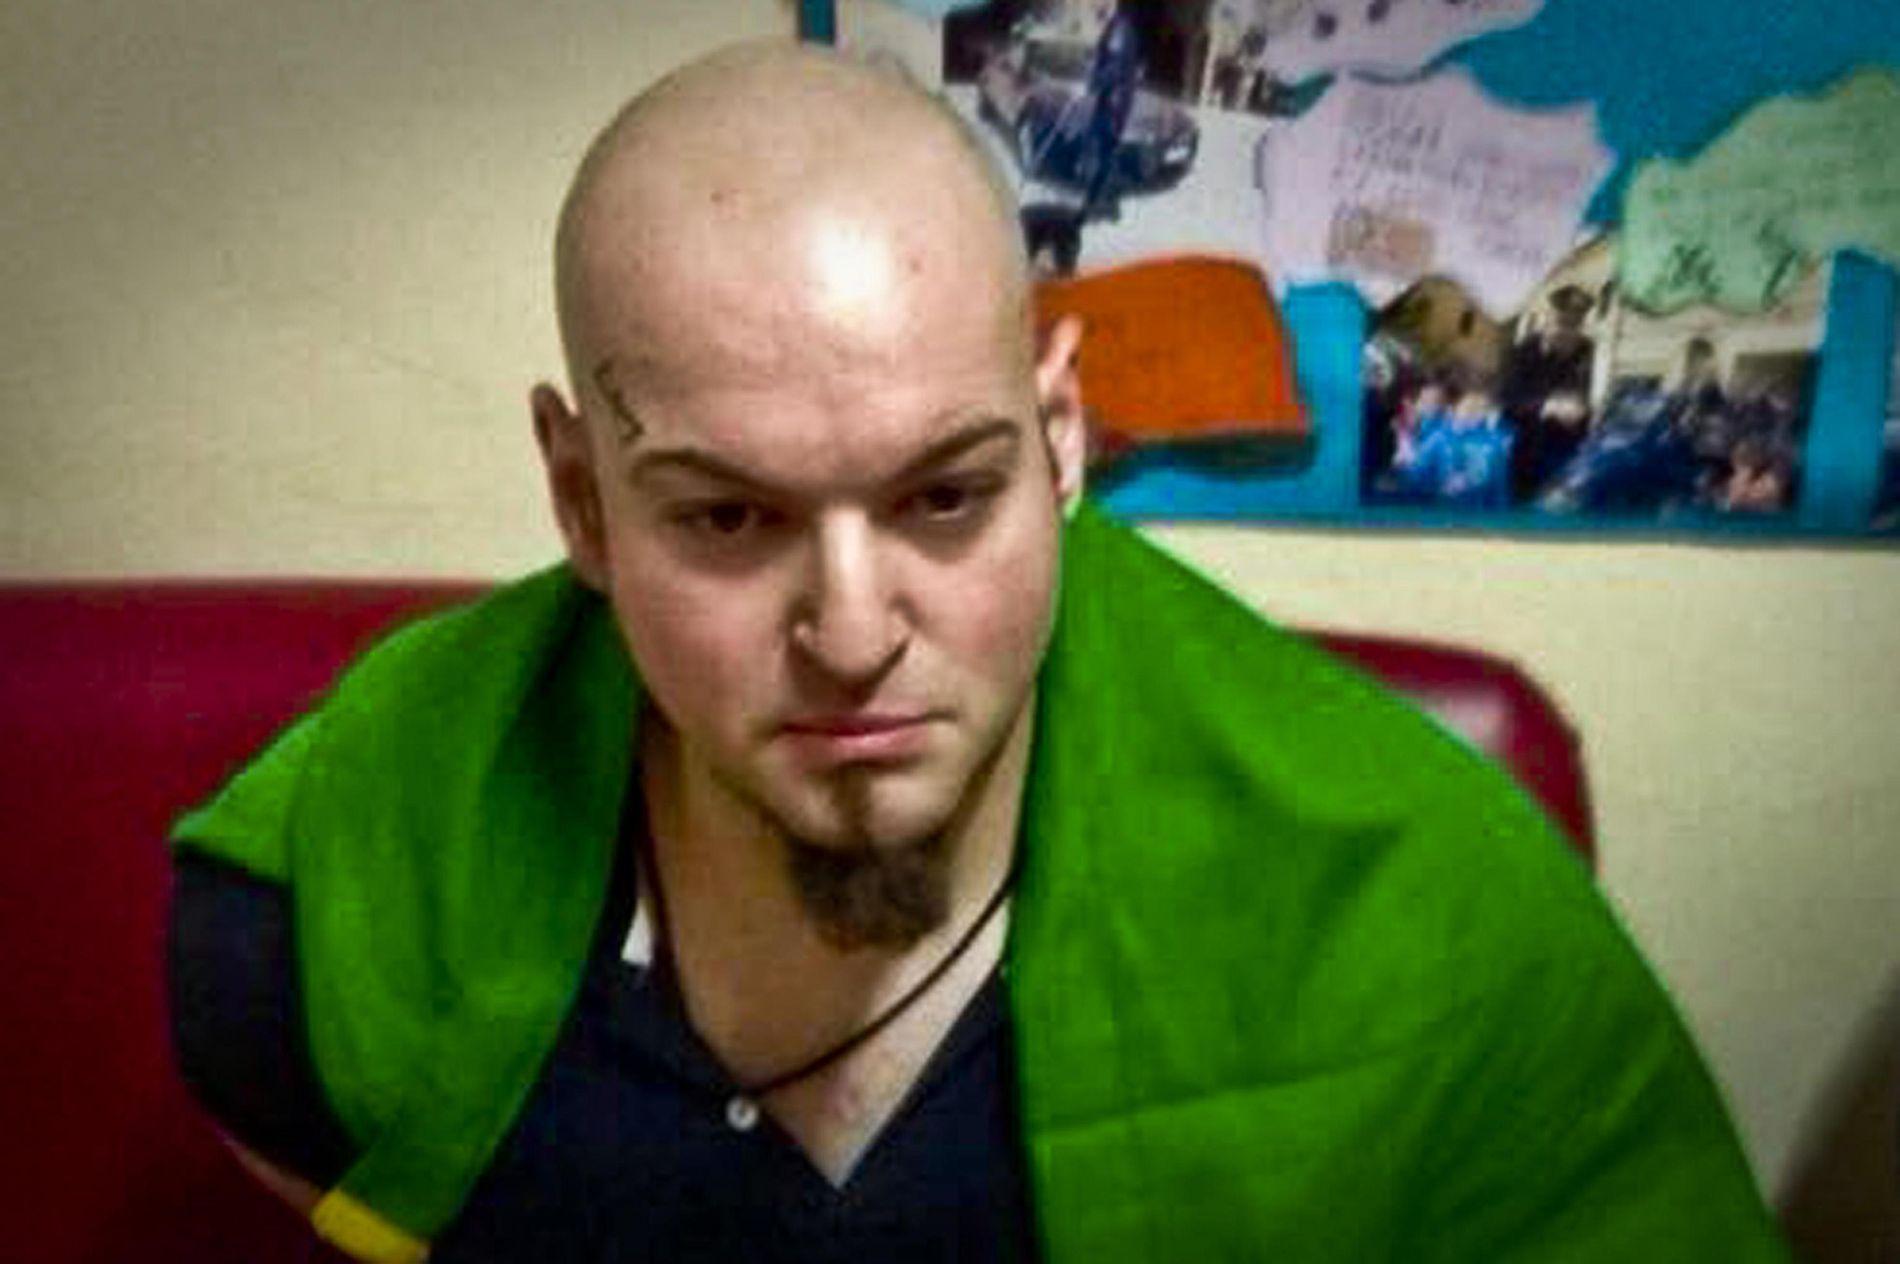 ARRESTERT: 28 år gamle Luca Traini er mistenkt for skytingen i Italia i går. Tatoveringen er synlig over hans høyre øyenbryn.